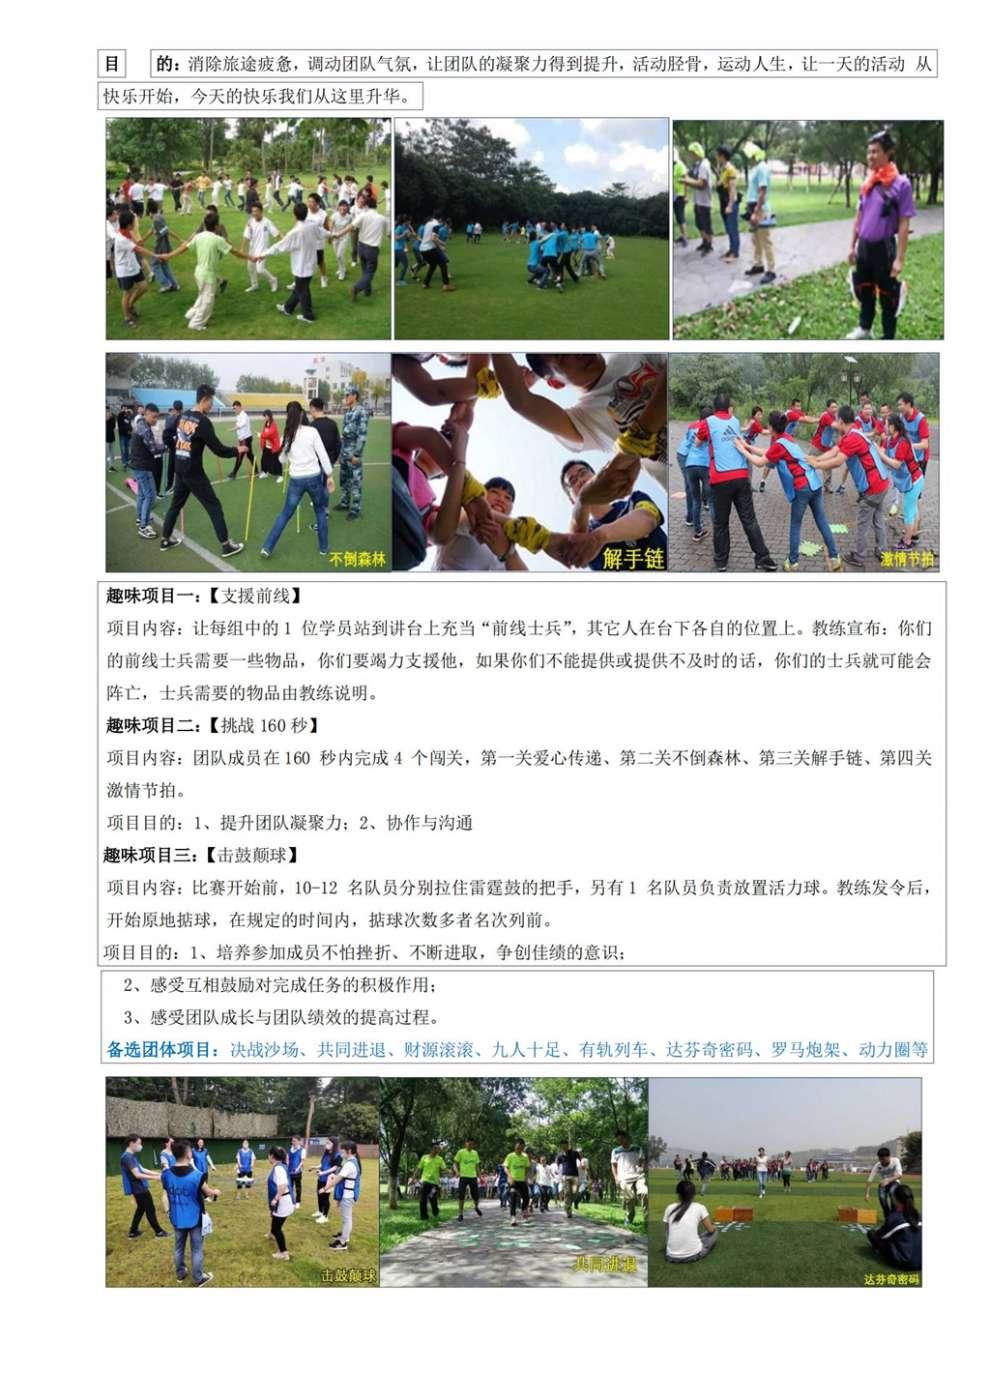 【东莞】松湖生态园野炊、趣味拓展经典一天之旅02